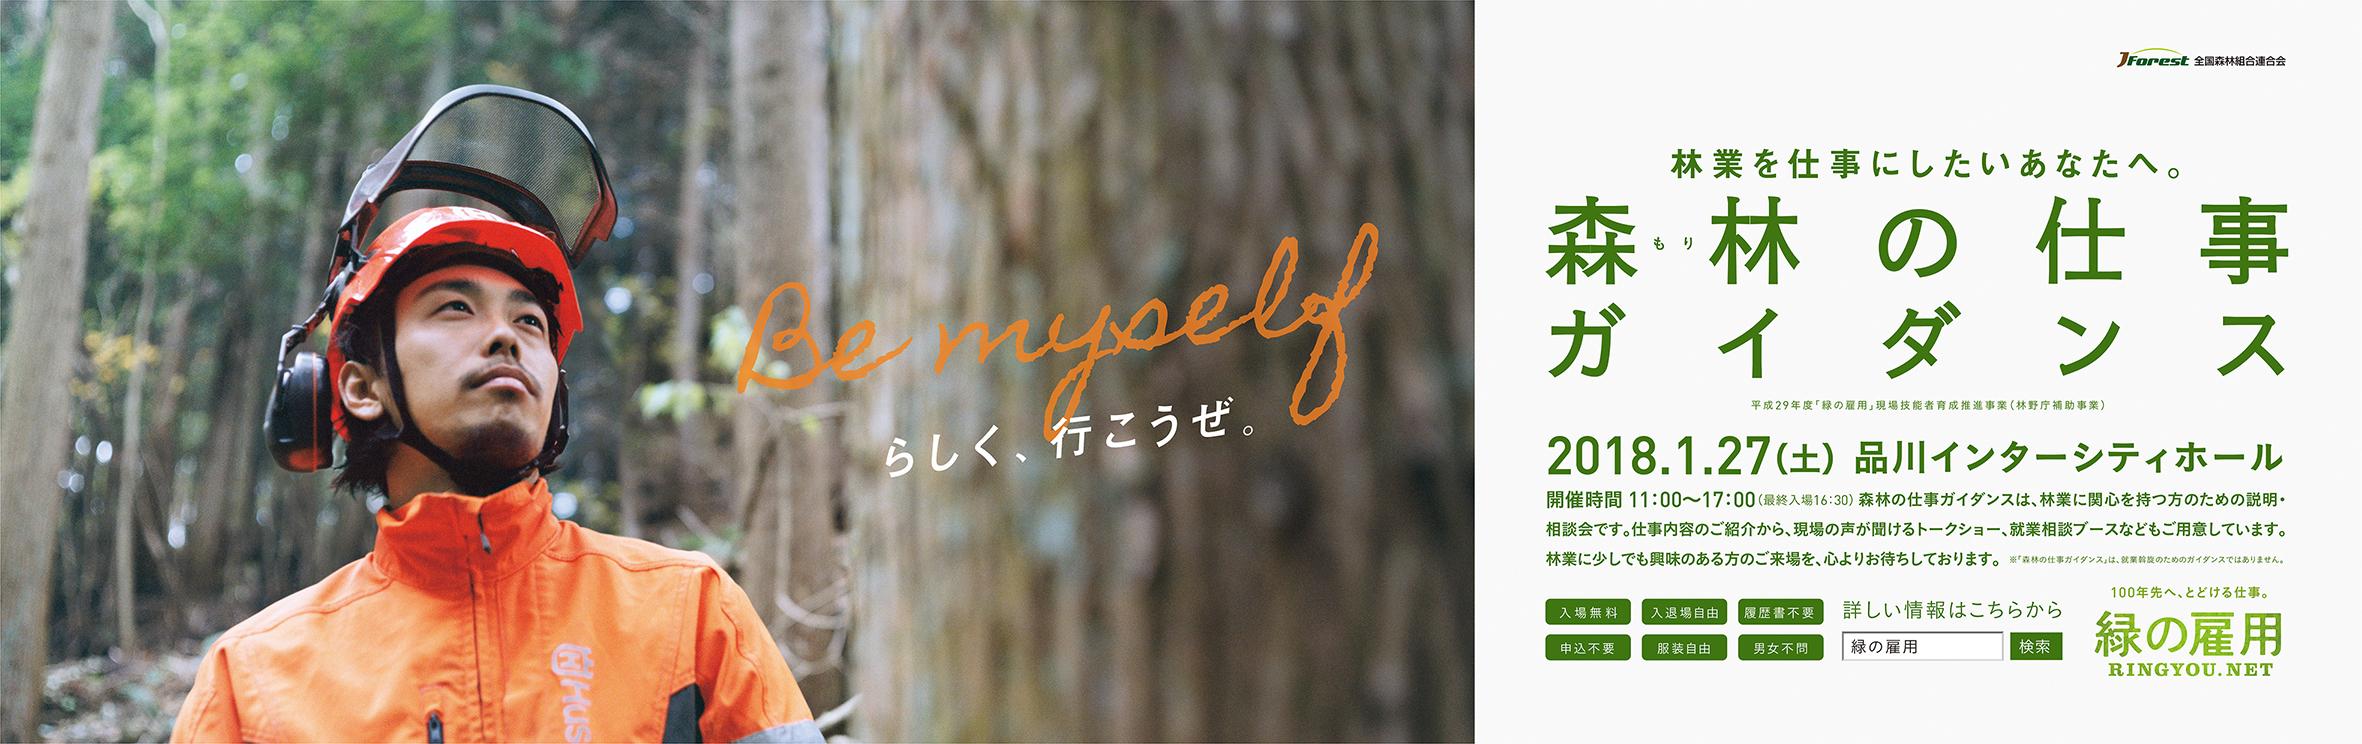 「緑の雇用」都内各線・車内交通広告(全国森林組合連合会) 01/2018  AD: Daiki Goto / RT: Masaya Ouchi / PH: Sakie Miura